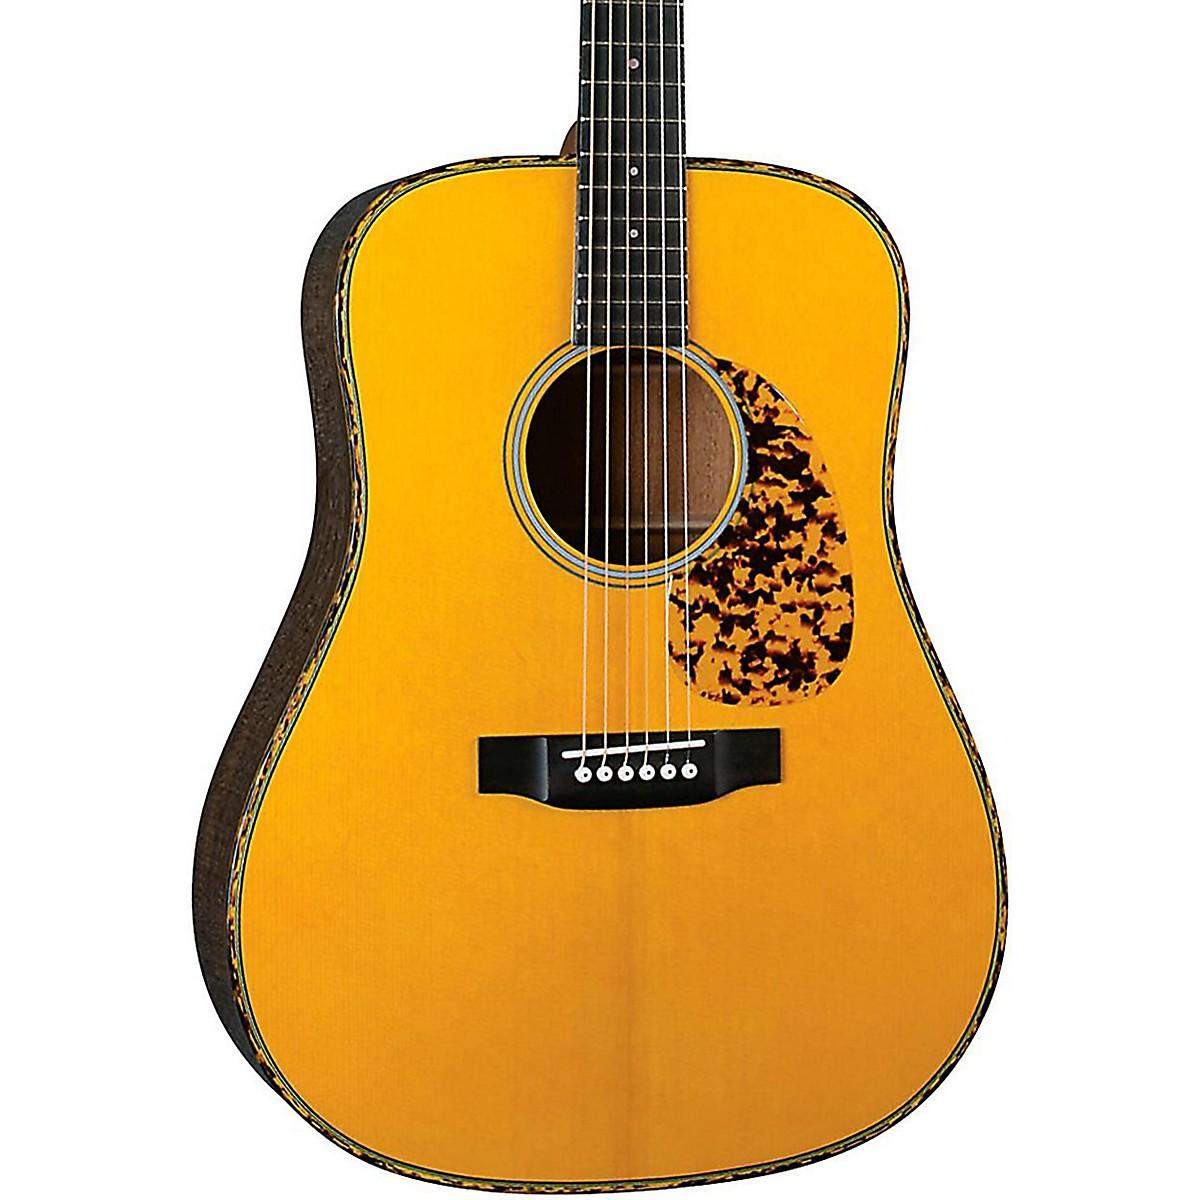 Blueridge BR-5060 John Jorgeson Signature Dreadnought Acoustic Guitar